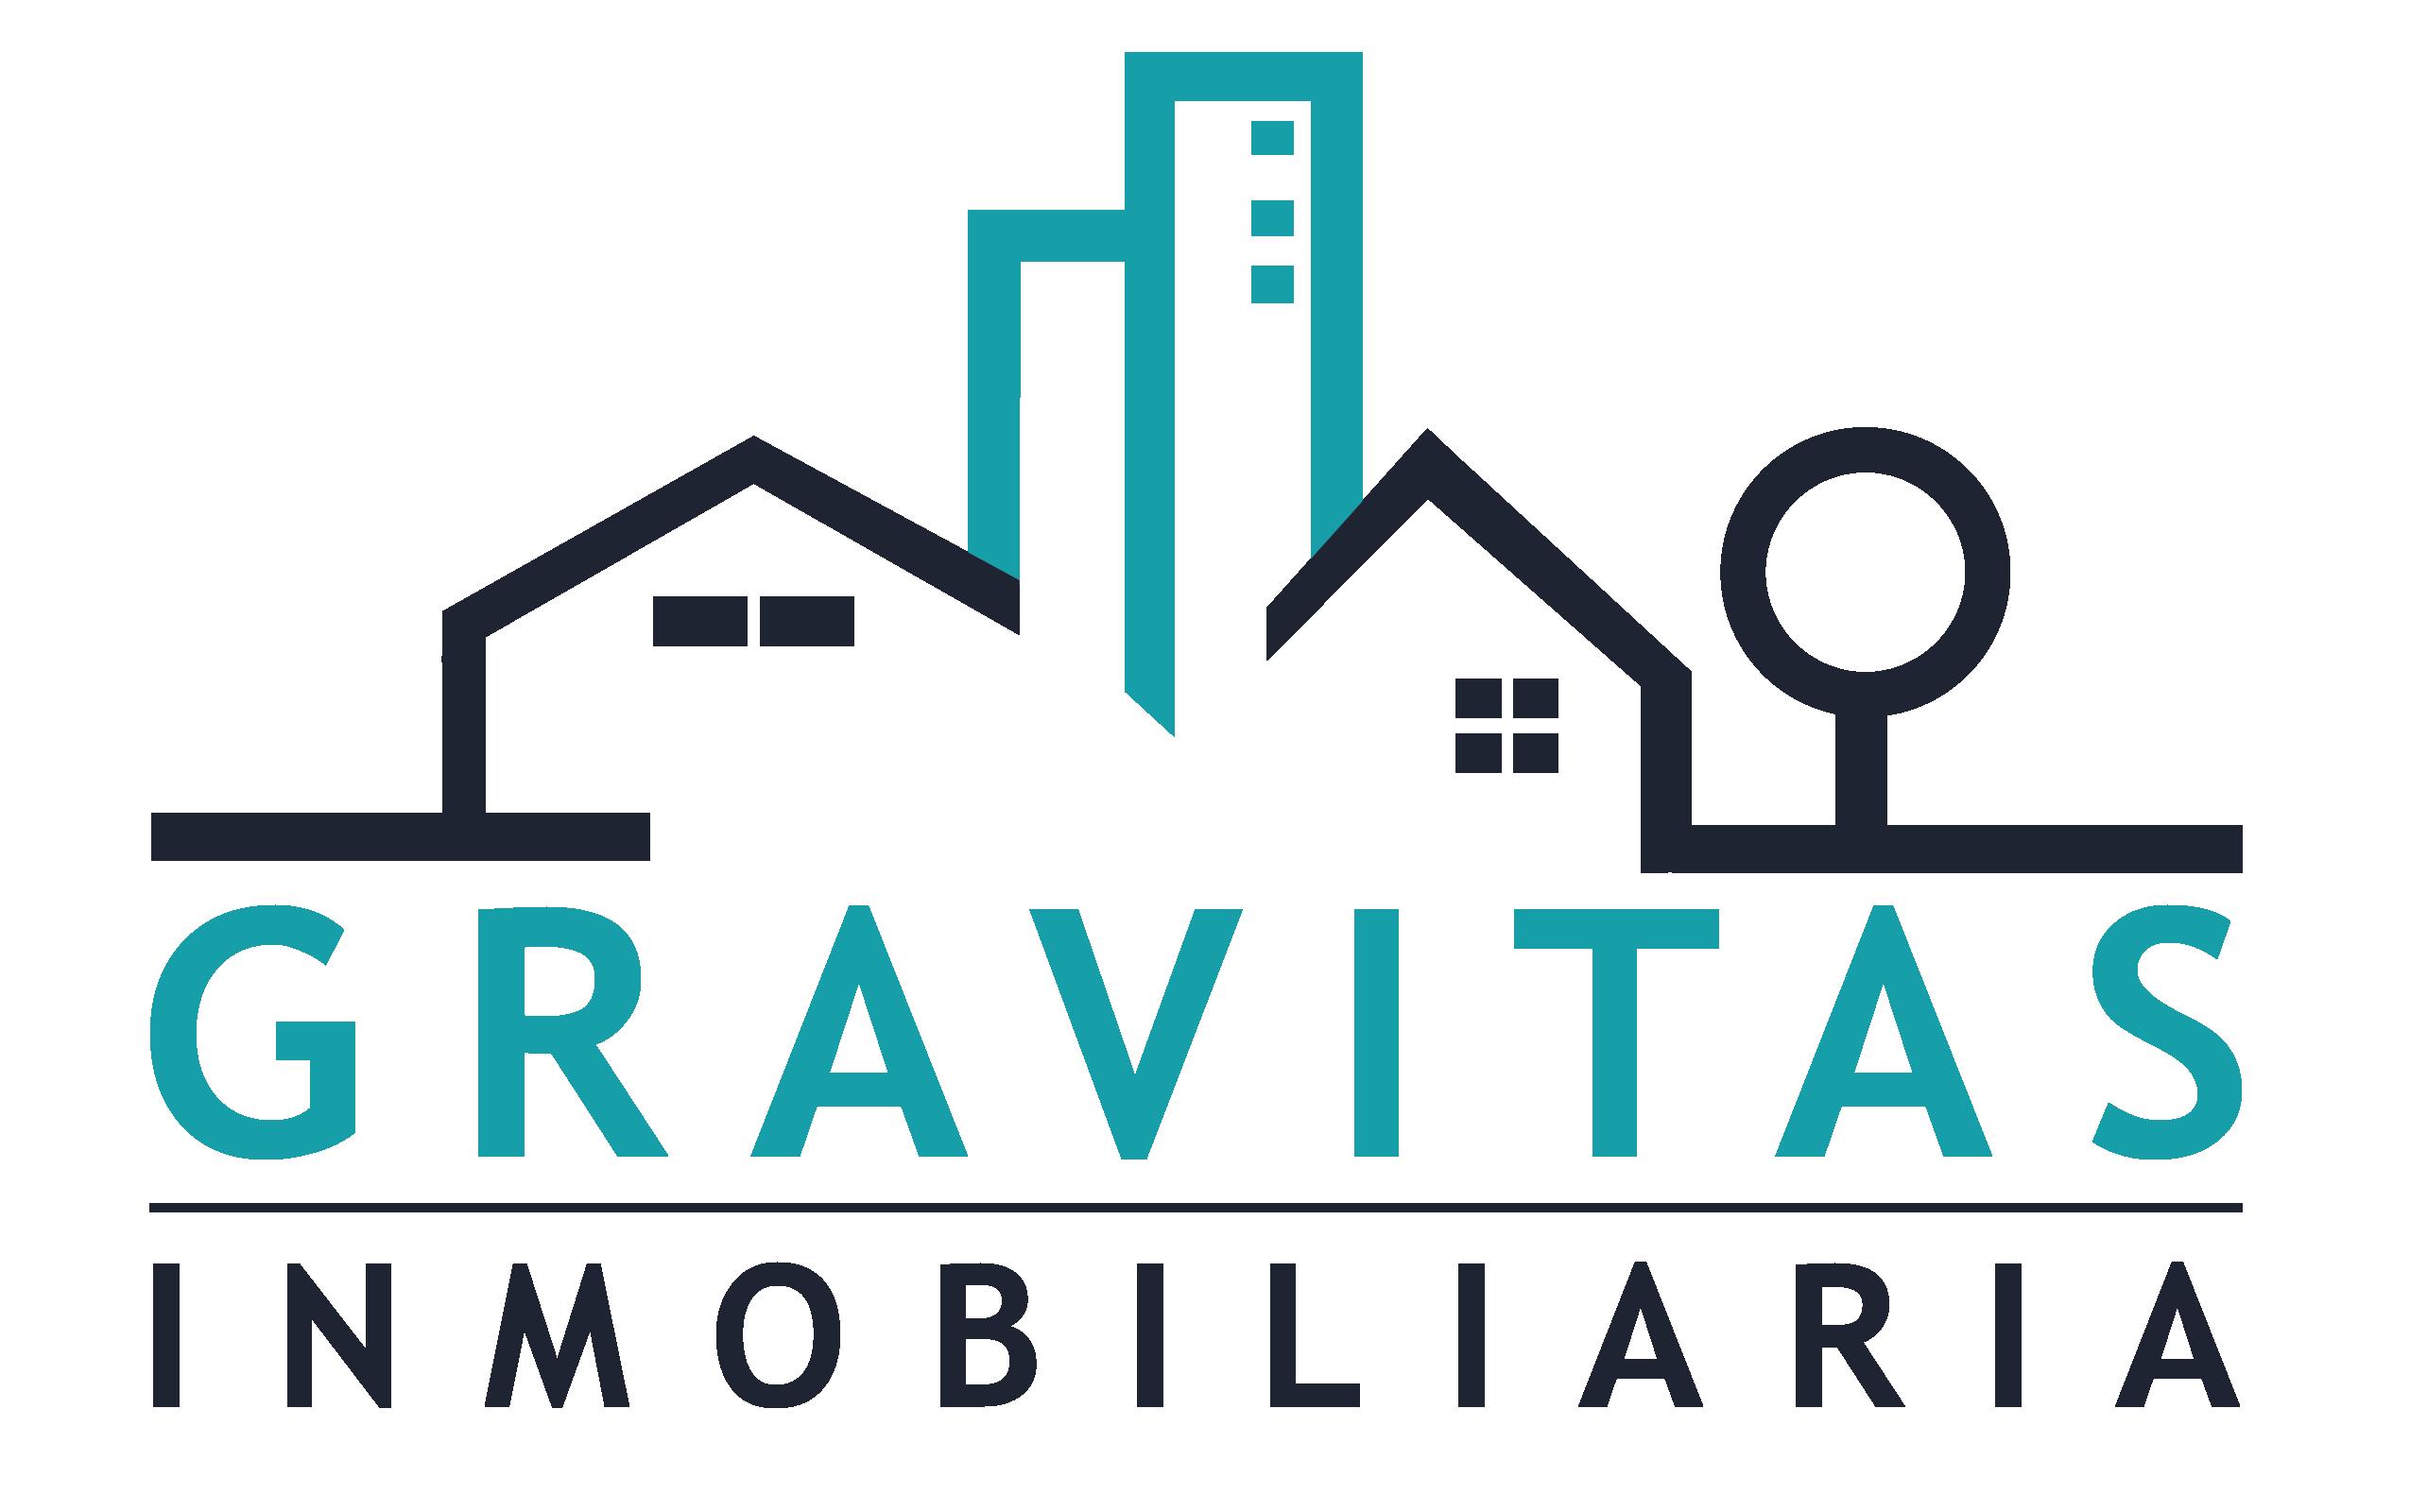 Gravitas Inmobiliaria-Alquiler y venta de Propiedades en general